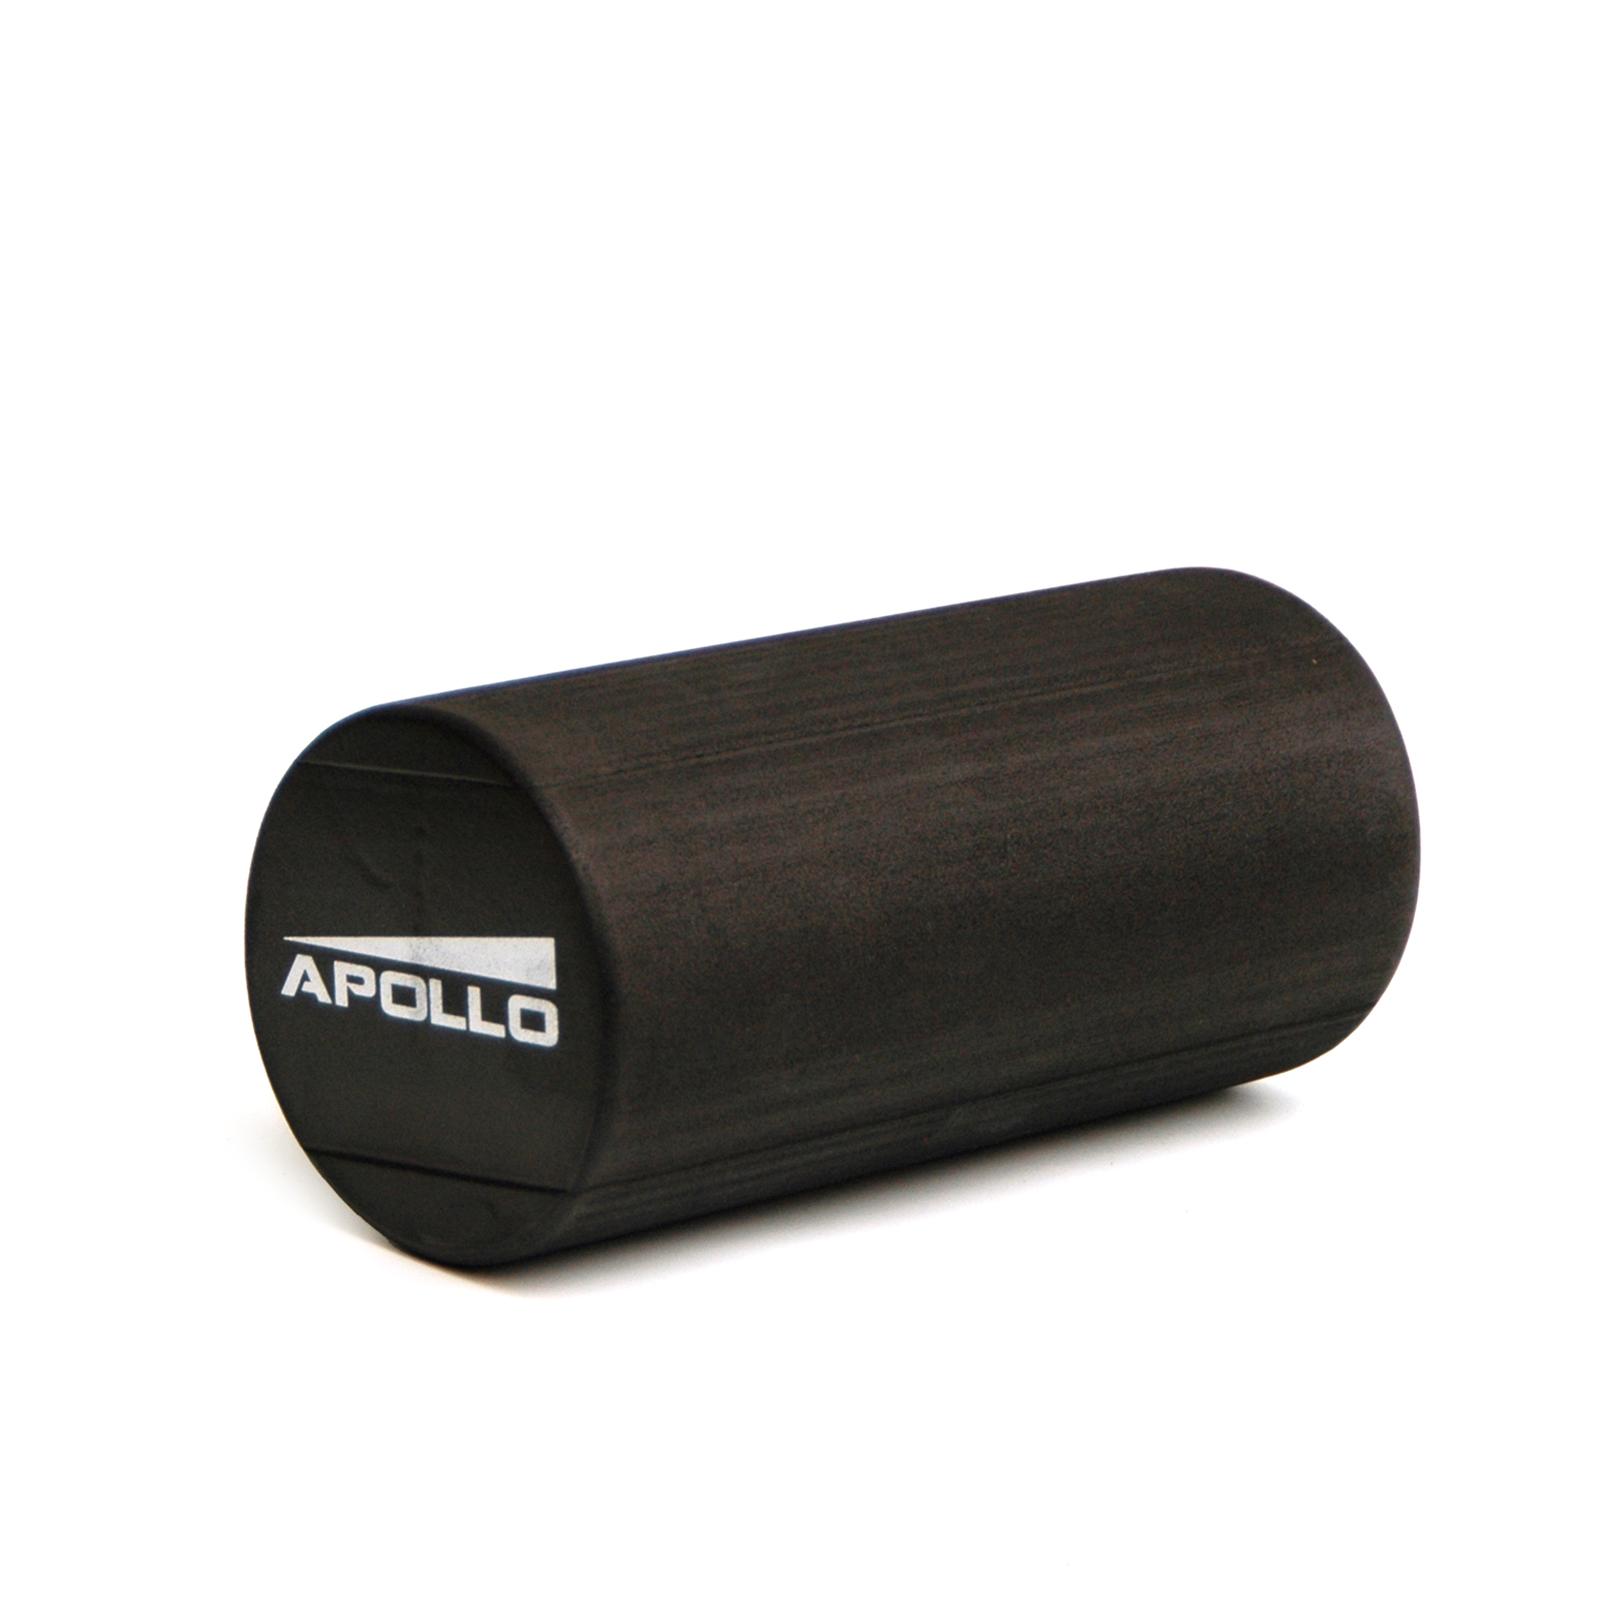 APOLLO Massage & Pilates Rolle Delhi 15x30cm Schaumstoffrolle schwarz